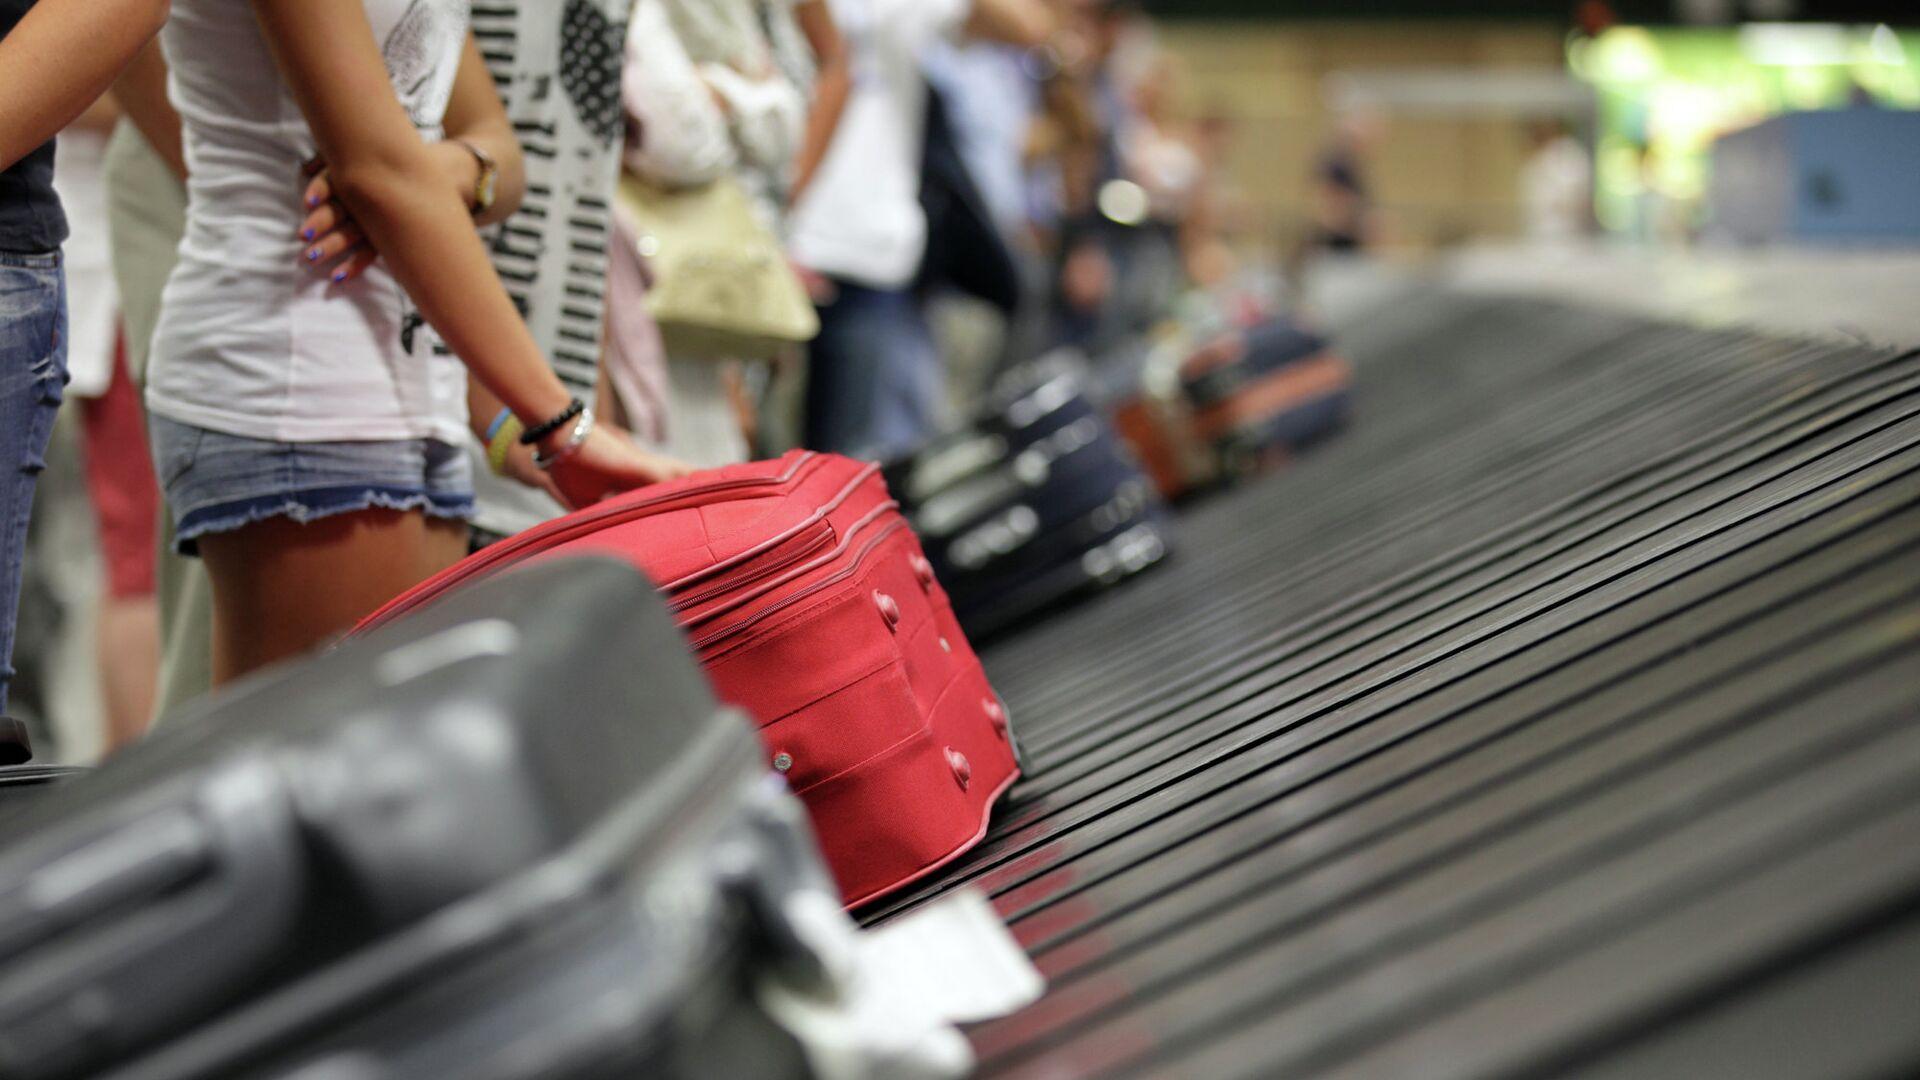 Туристы с чемоданами в аэропорту - РИА Новости, 1920, 25.09.2021